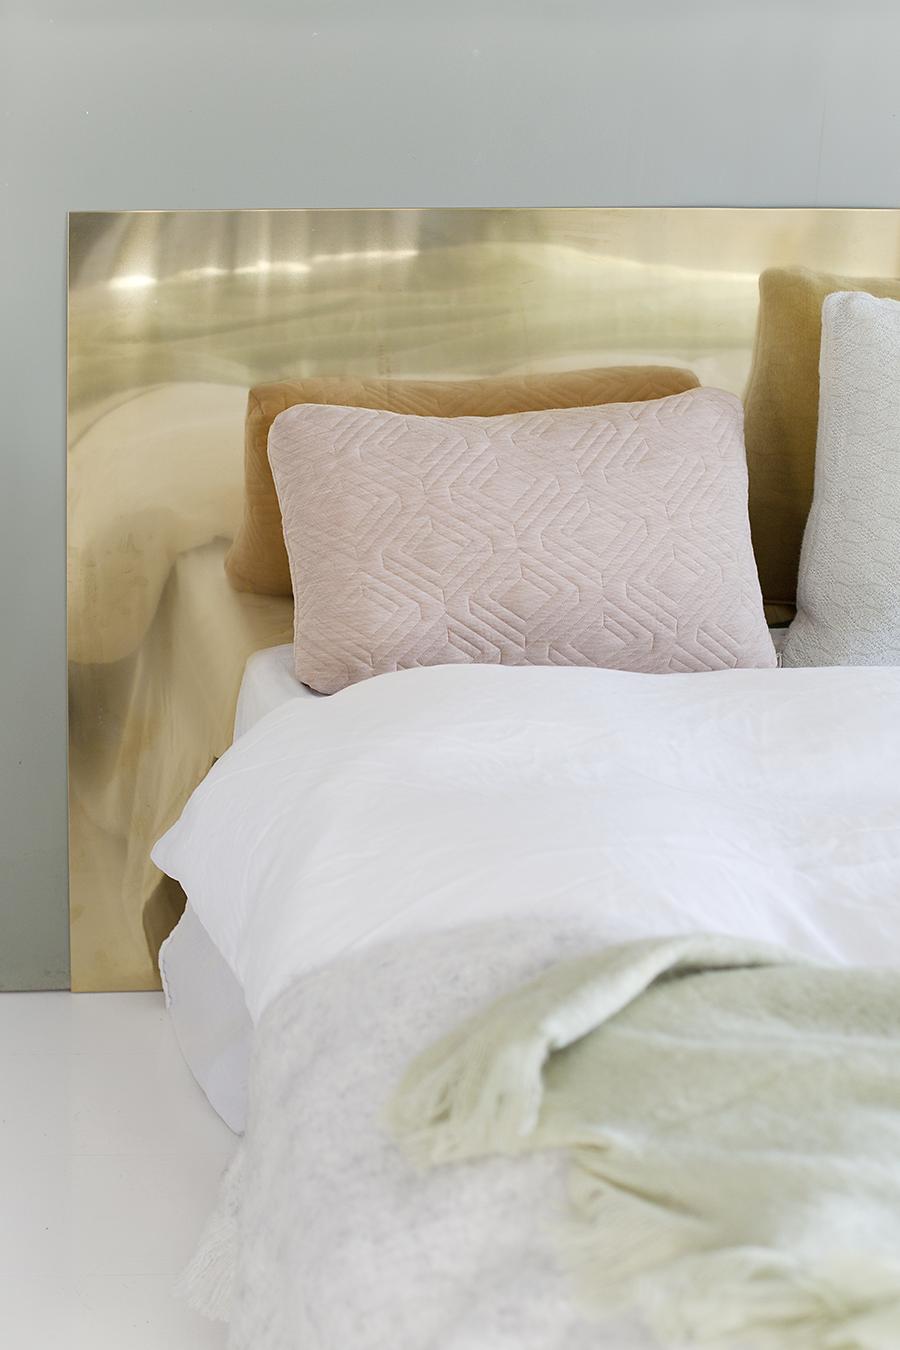 Blush Cushion With Brass Gold Home Decor Accent Blush Decor